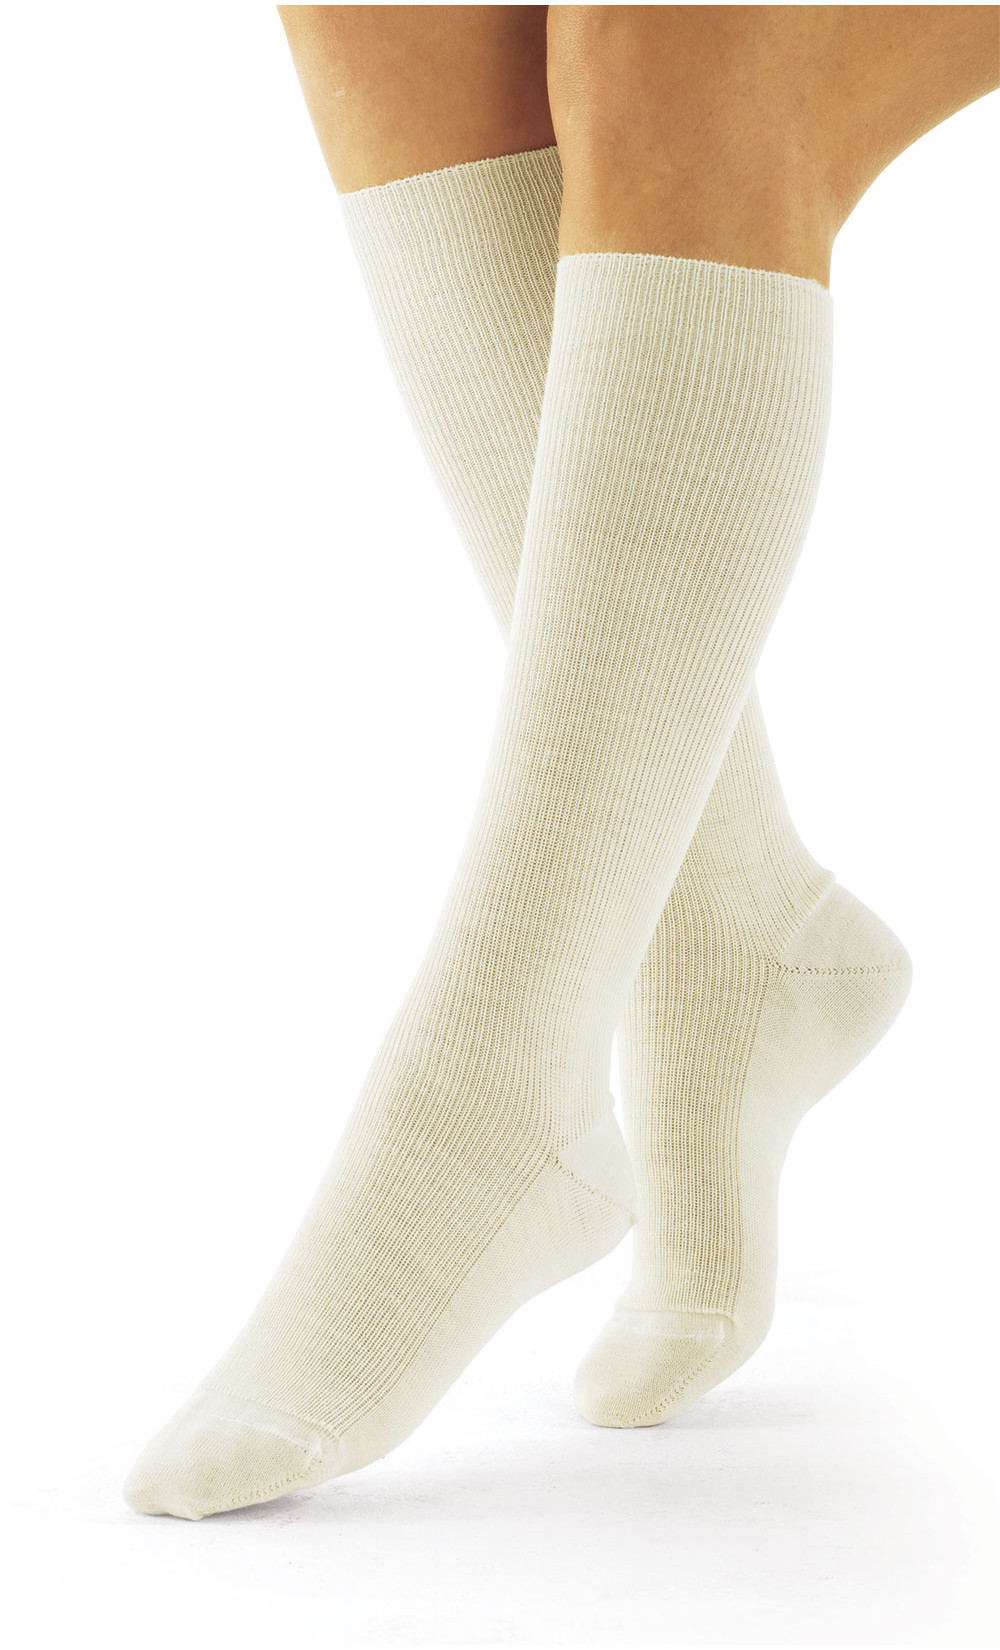 Lot de 2 paires de chaussettes hautes - BORNEO